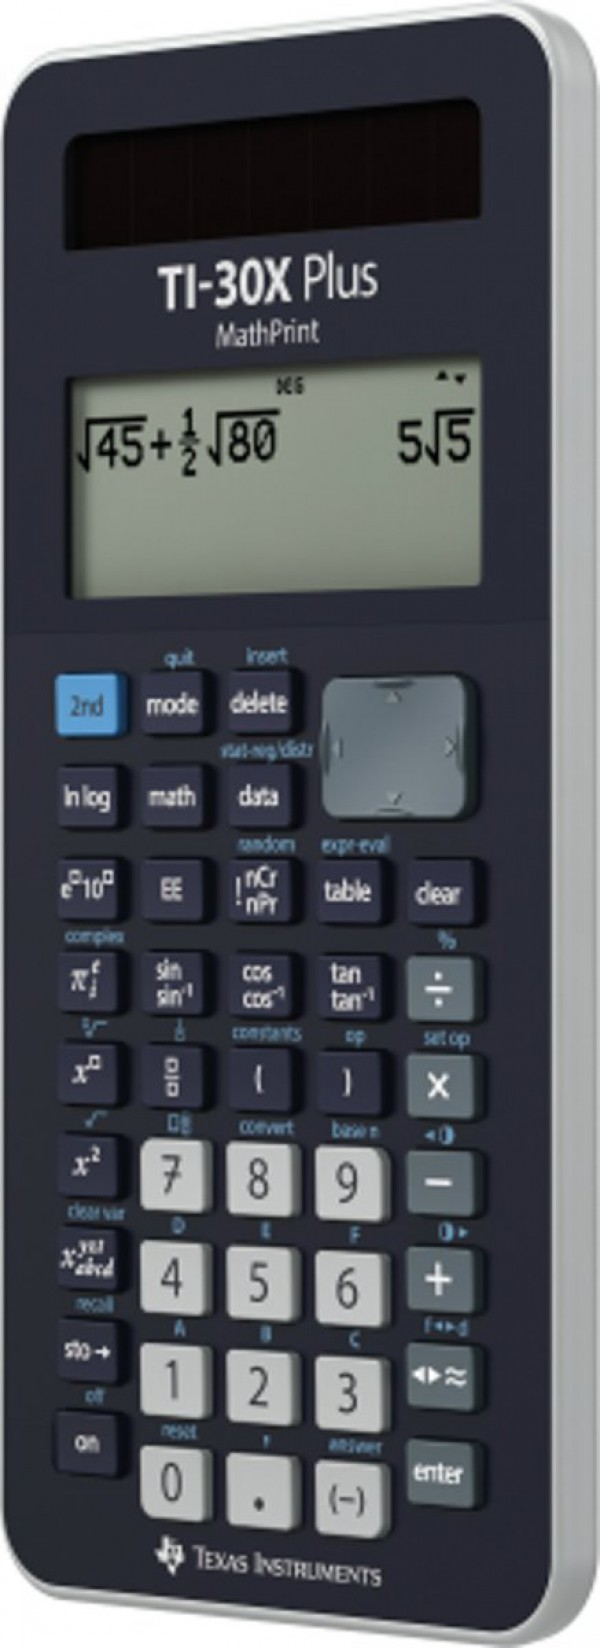 Texas Instruments TI-30X Plus MathPrint bij De Rekenwinkel